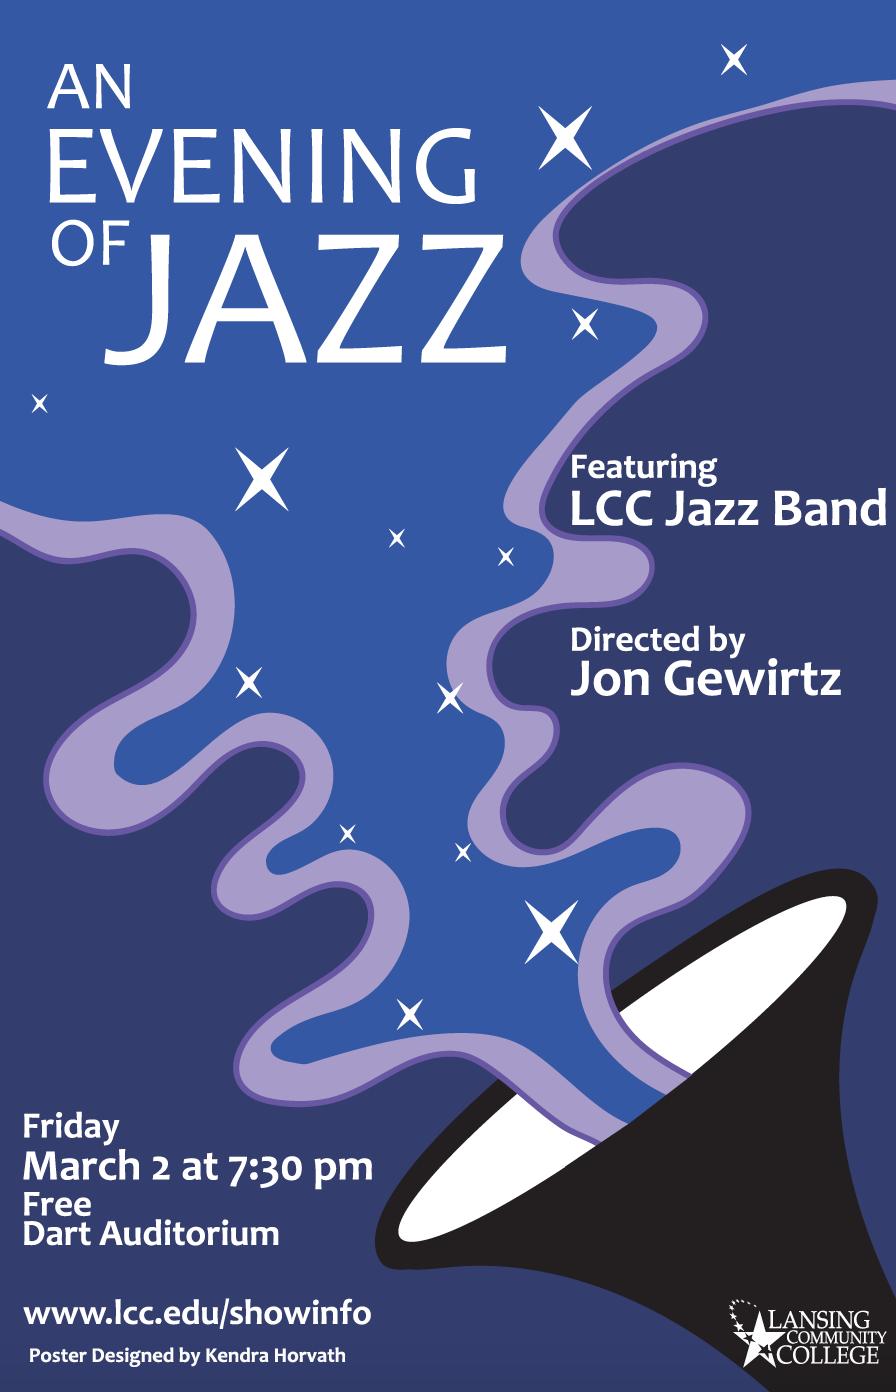 An Evening of Jazz Poster